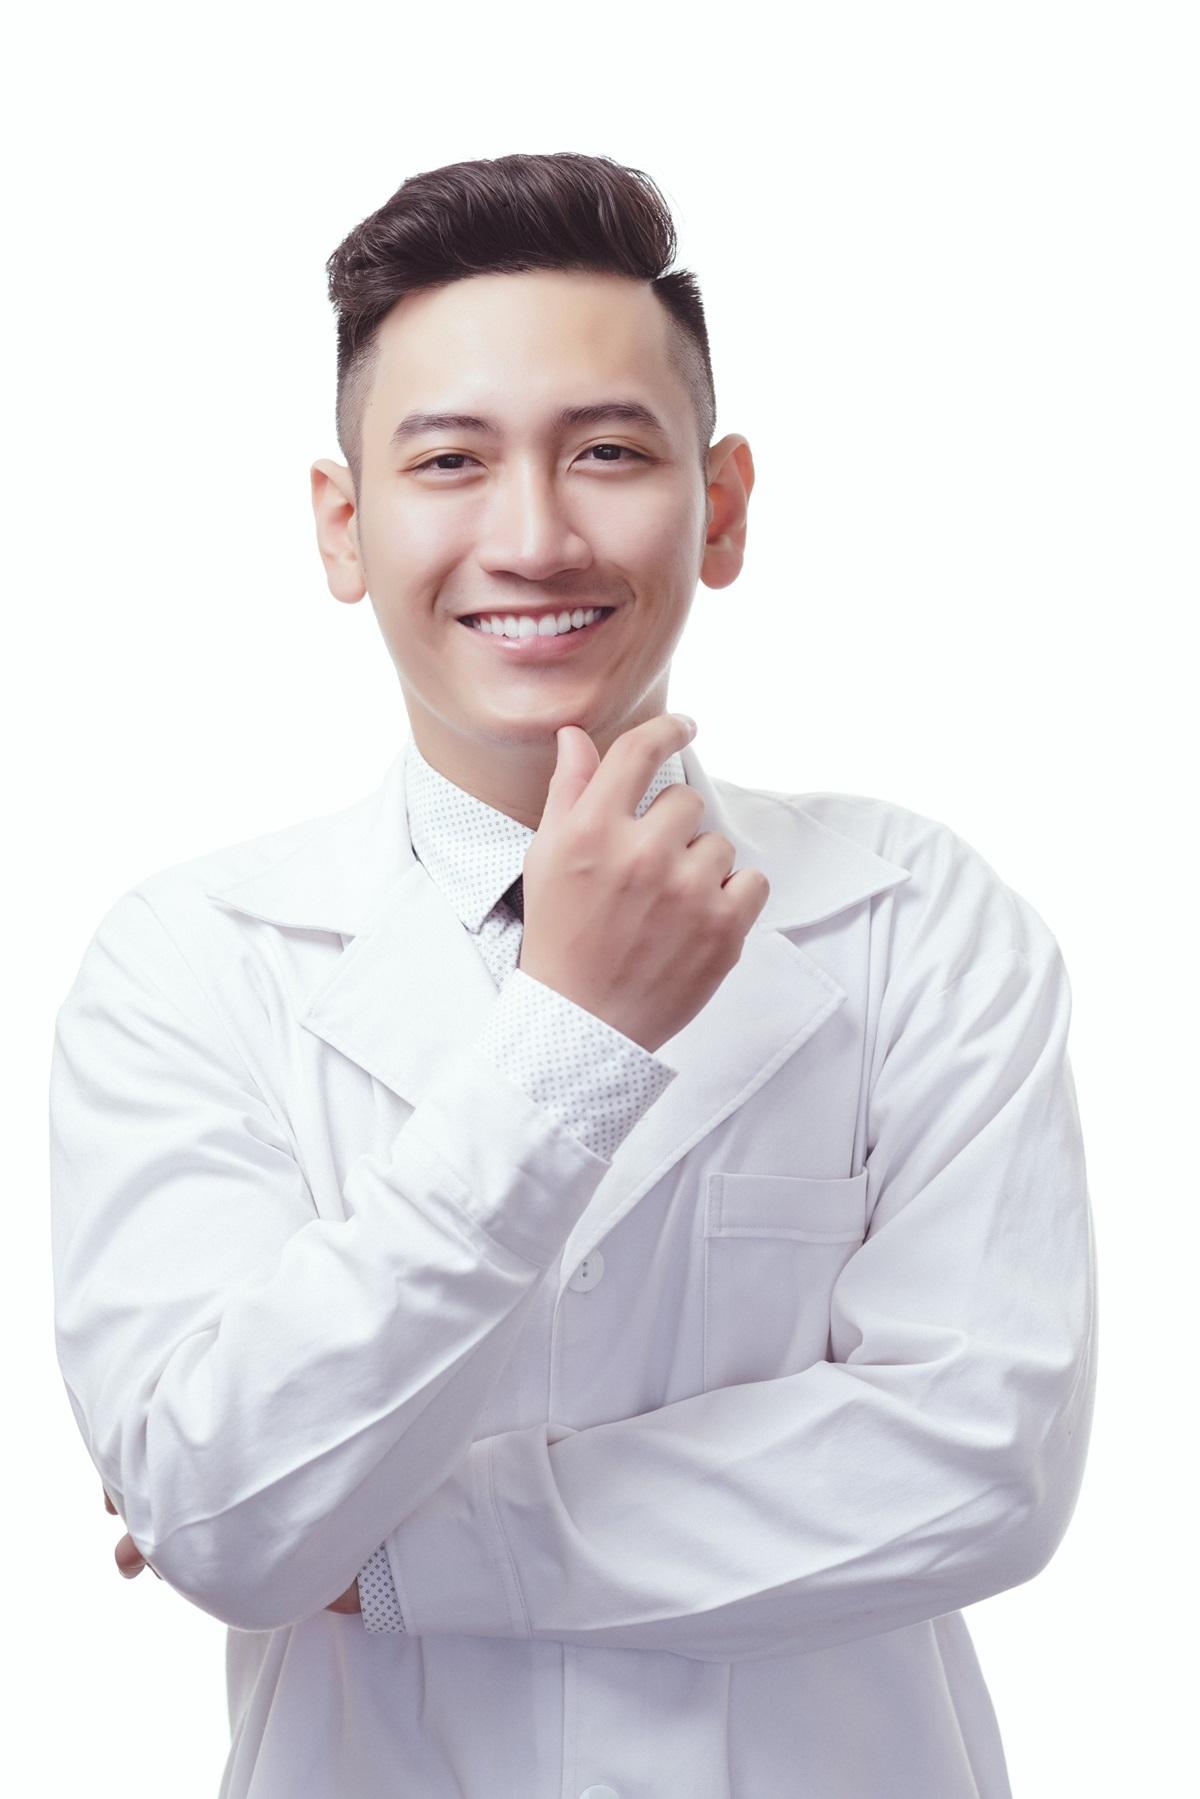 Bác sĩ Khánh Anh có nhiều năm kinh nghiệm trong lĩnh vực nha khoa.